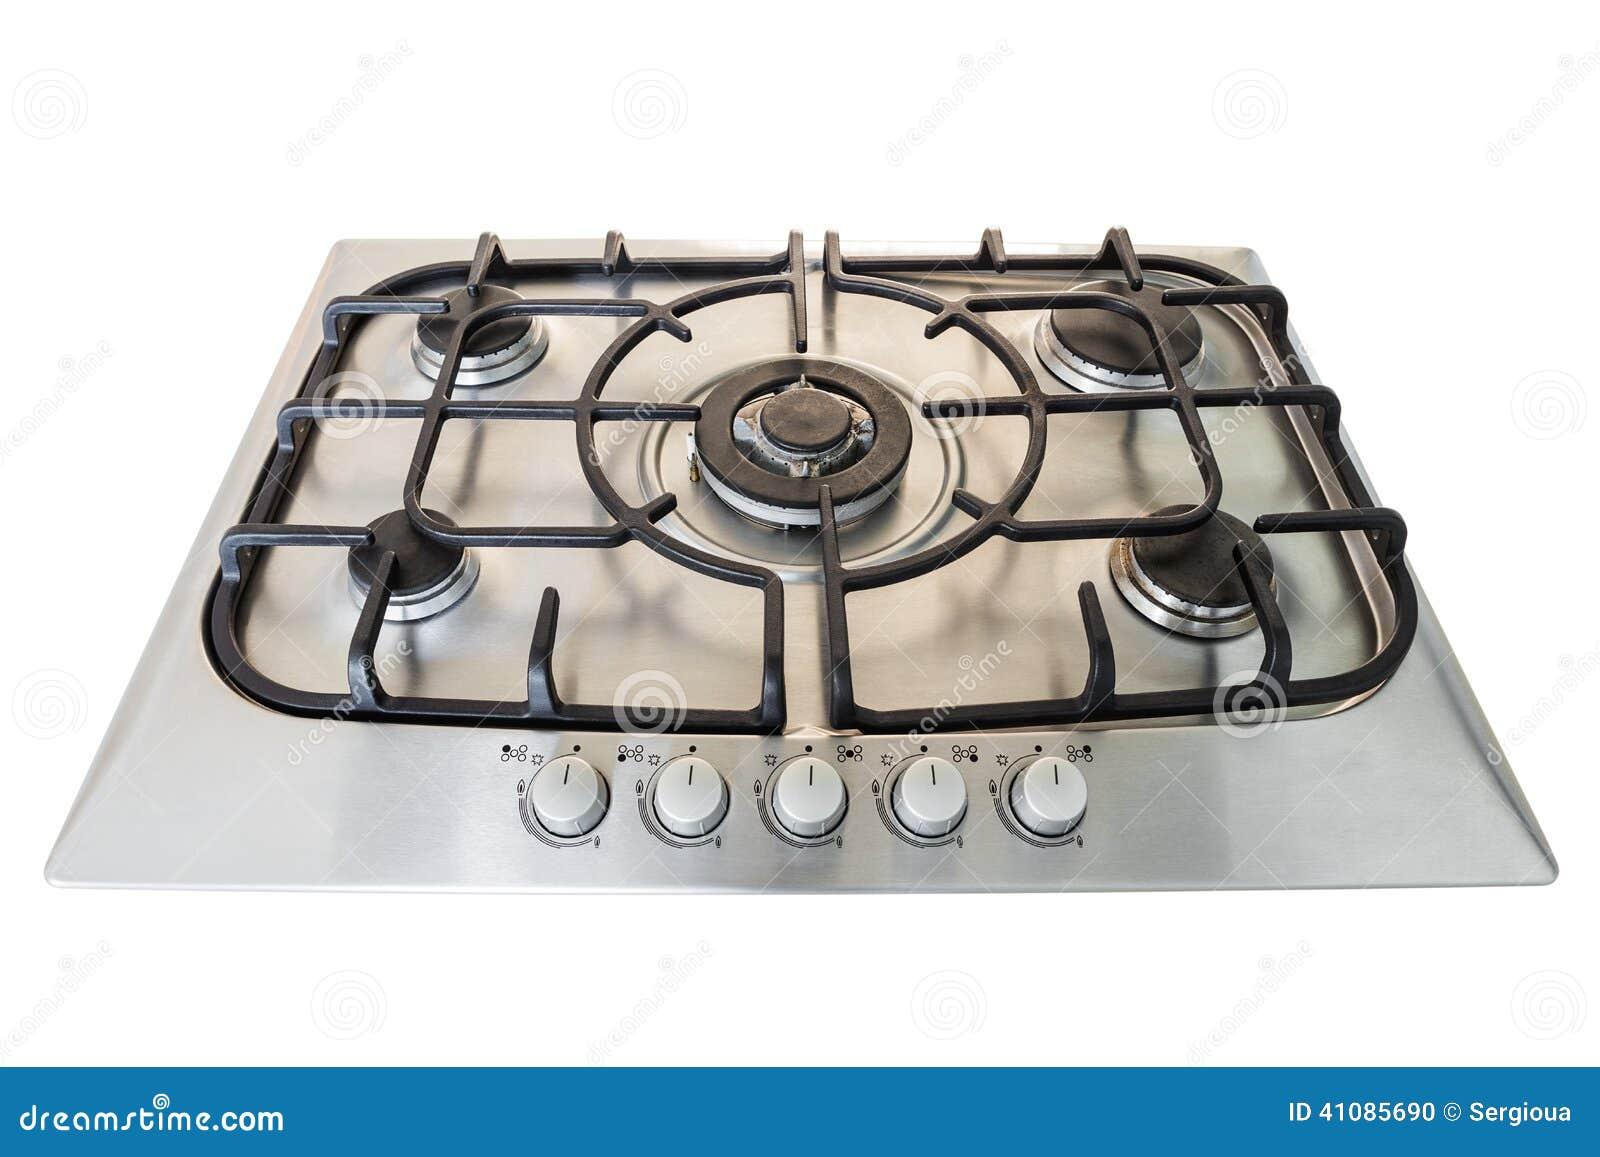 Estufa de cocina moderna del gas foto de archivo imagen for Estufas de cocina de gas